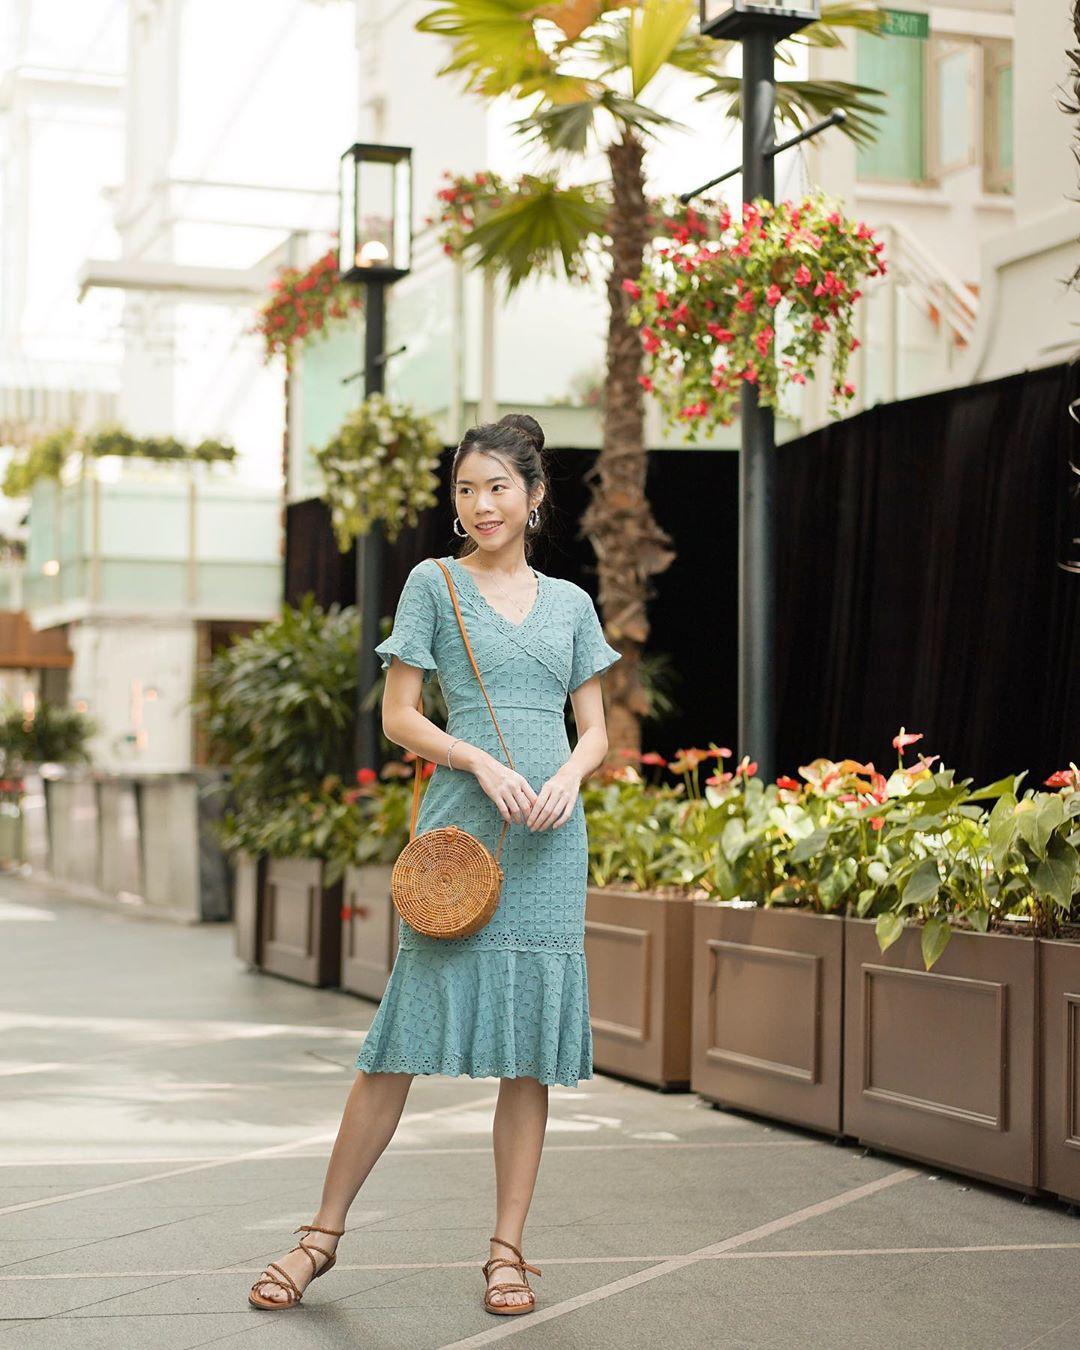 Nàng nào diện váy cũng rất xinh nhưng nếu áp dụng 4 tips sau, vẻ ngoài sẽ càng thêm thanh mảnh và hút mắt - Ảnh 11